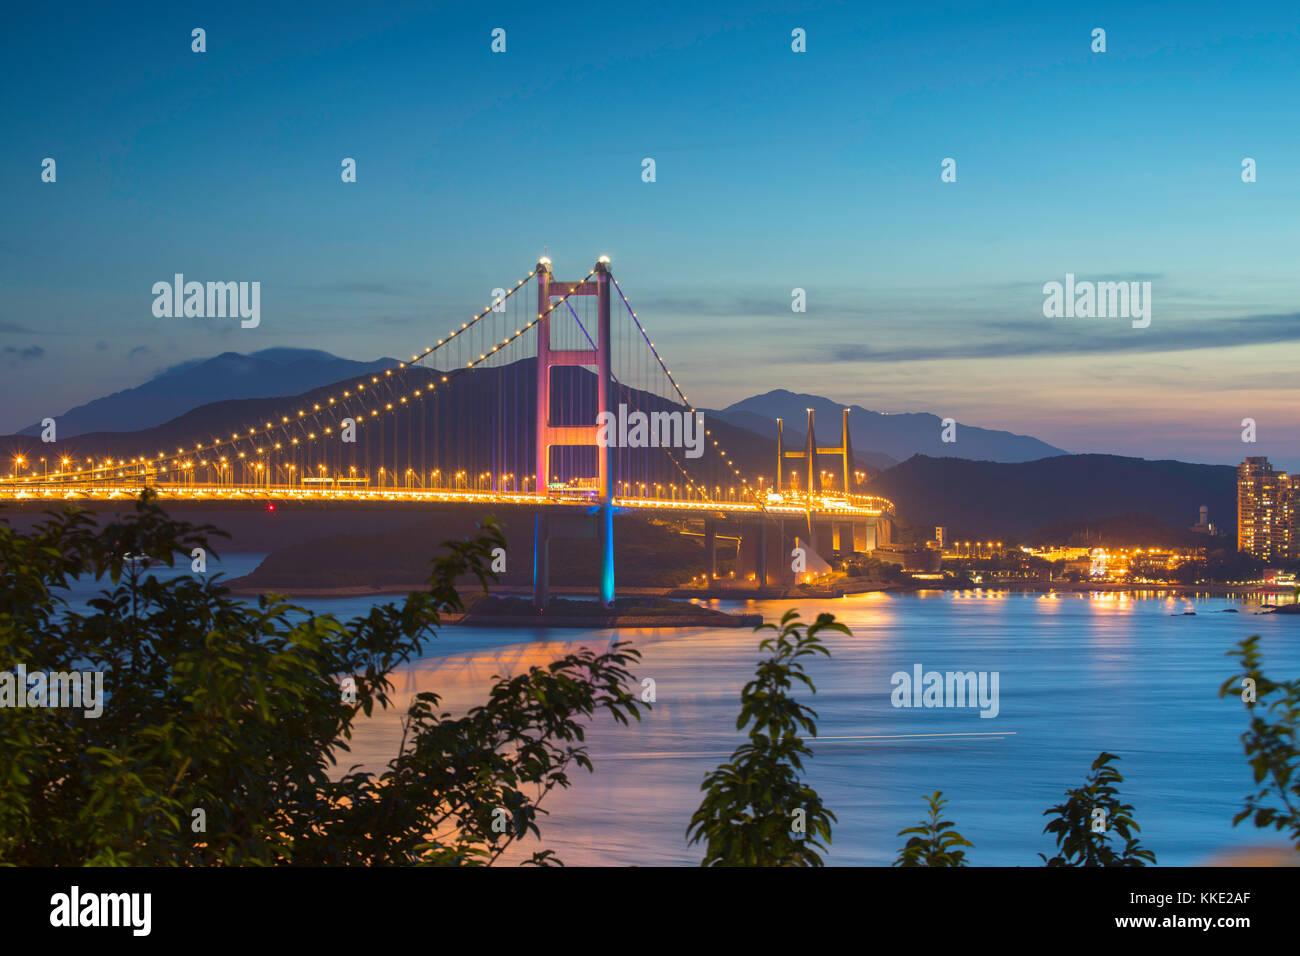 Tsing Ma Bridge at dusk, Tsing Yi, Hong Kong, China - Stock Image